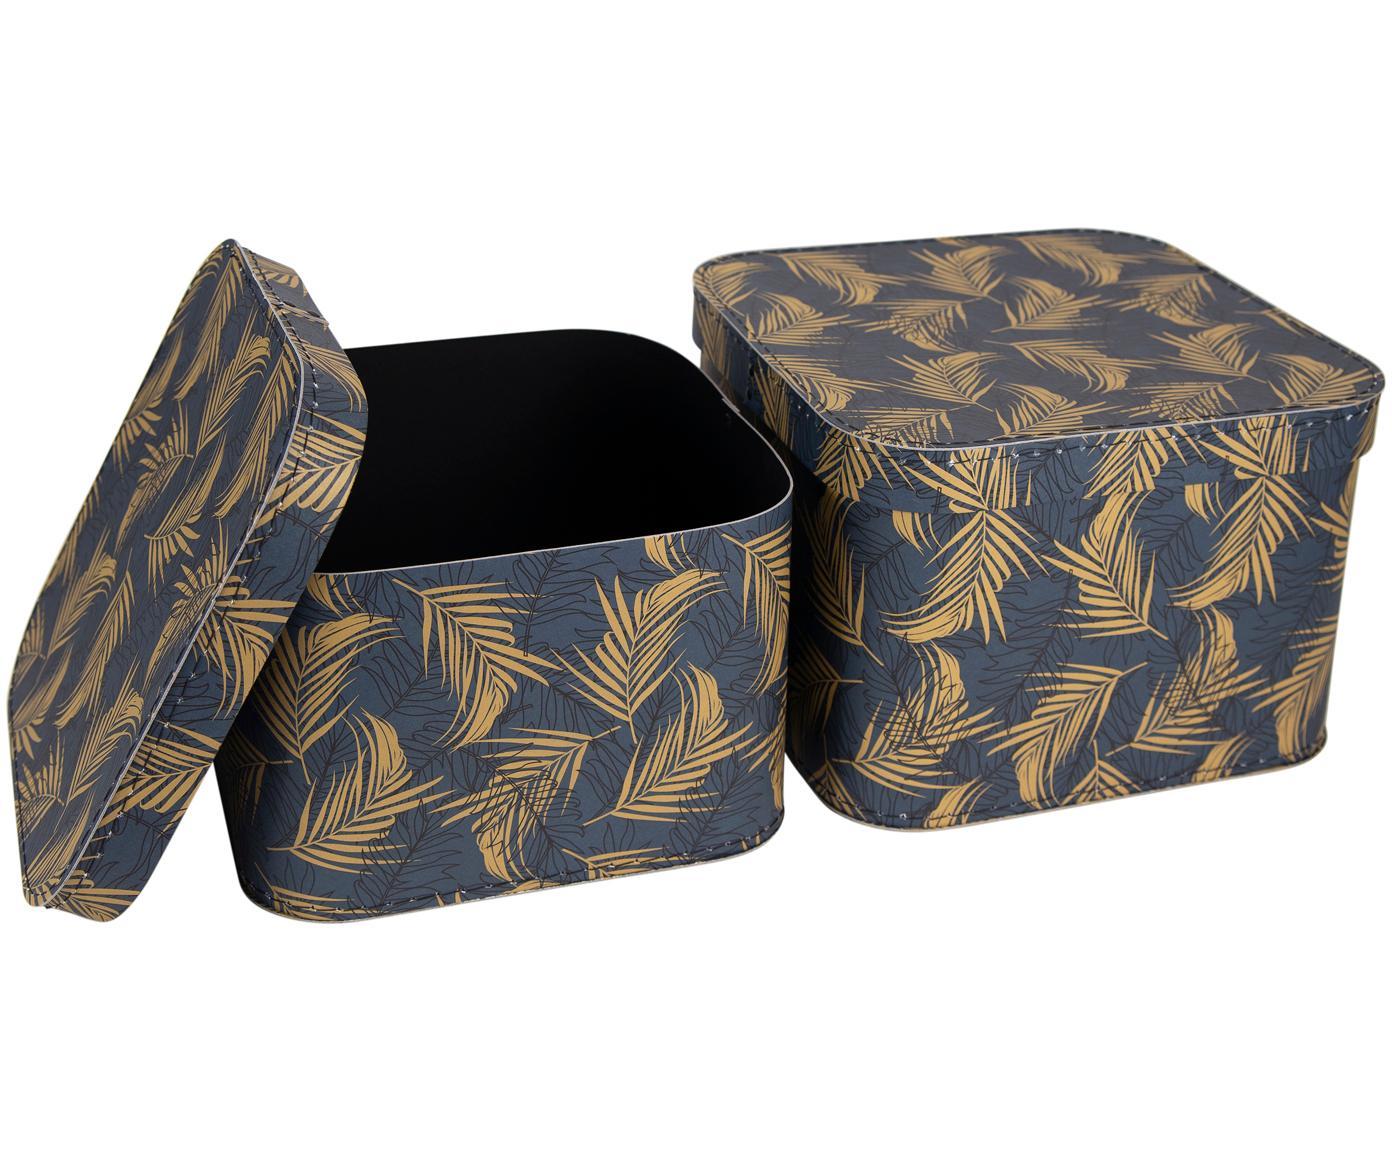 Aufbewahrungsboxen-Set Ludvig, 2-tlg., Fester, laminierter Karton, Goldfarben, Graublau, Verschiedene Grössen